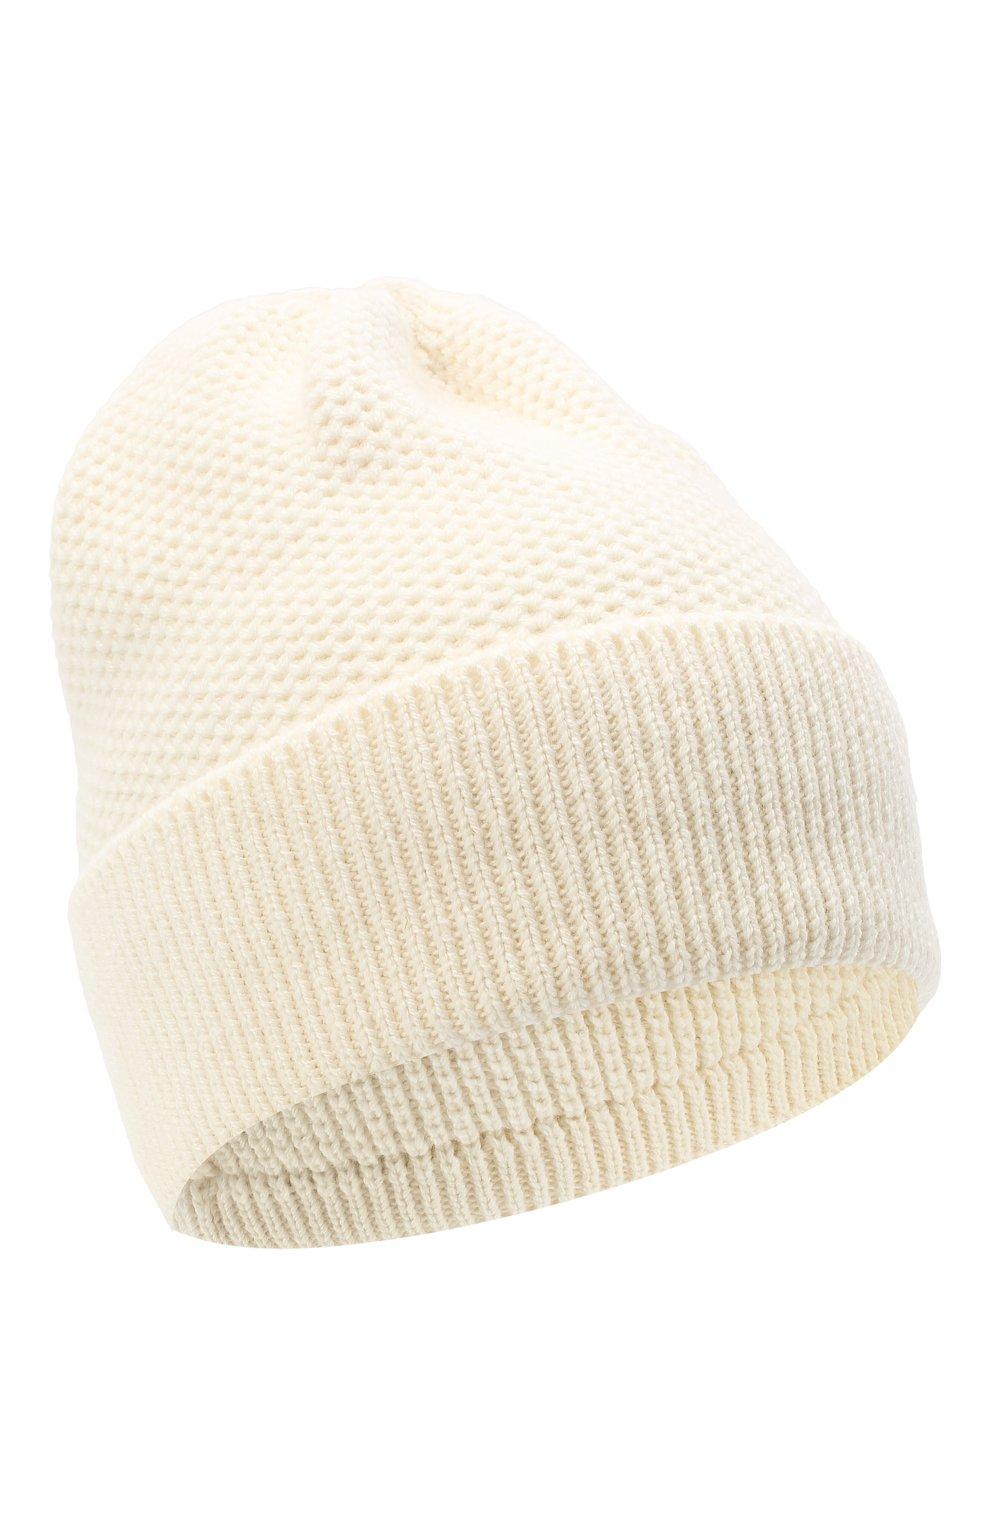 Женская шапка BILANCIONI белого цвета, арт. 4899CM | Фото 1 (Материал: Текстиль, Шерсть, Вискоза)